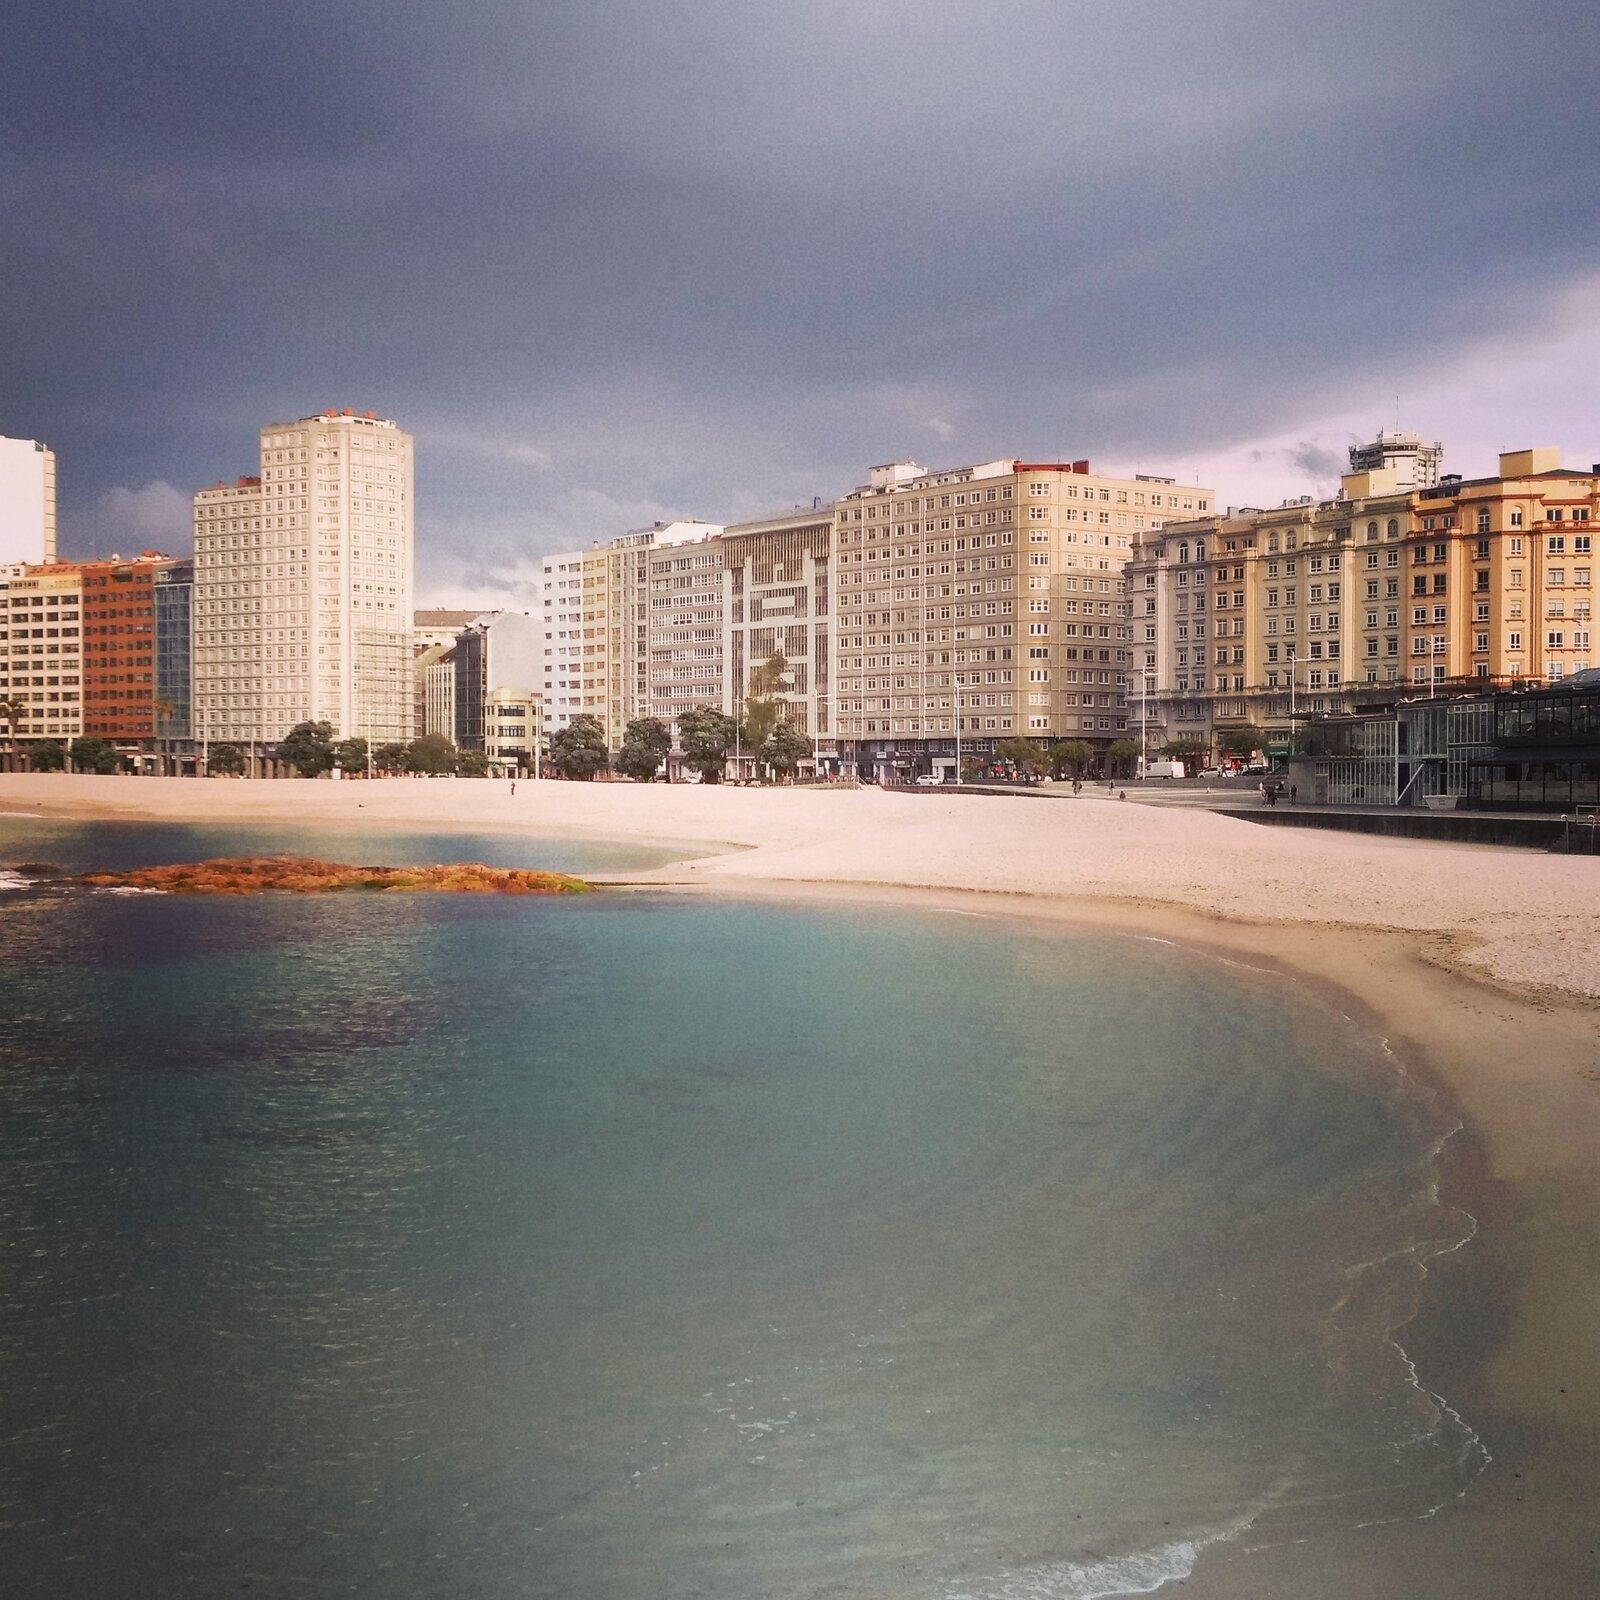 A Coruña (francois suarez unsplash)